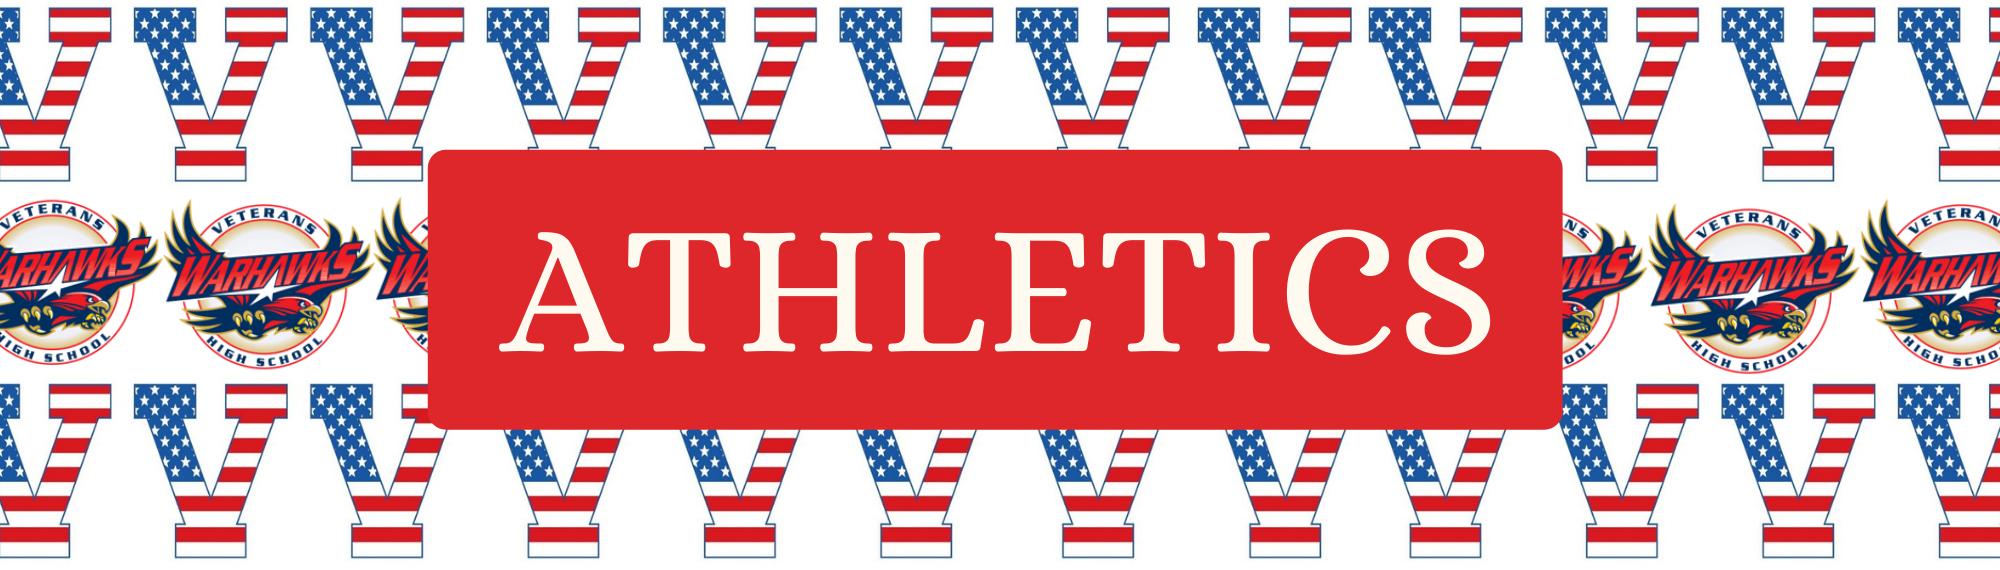 Warhawk Athletics